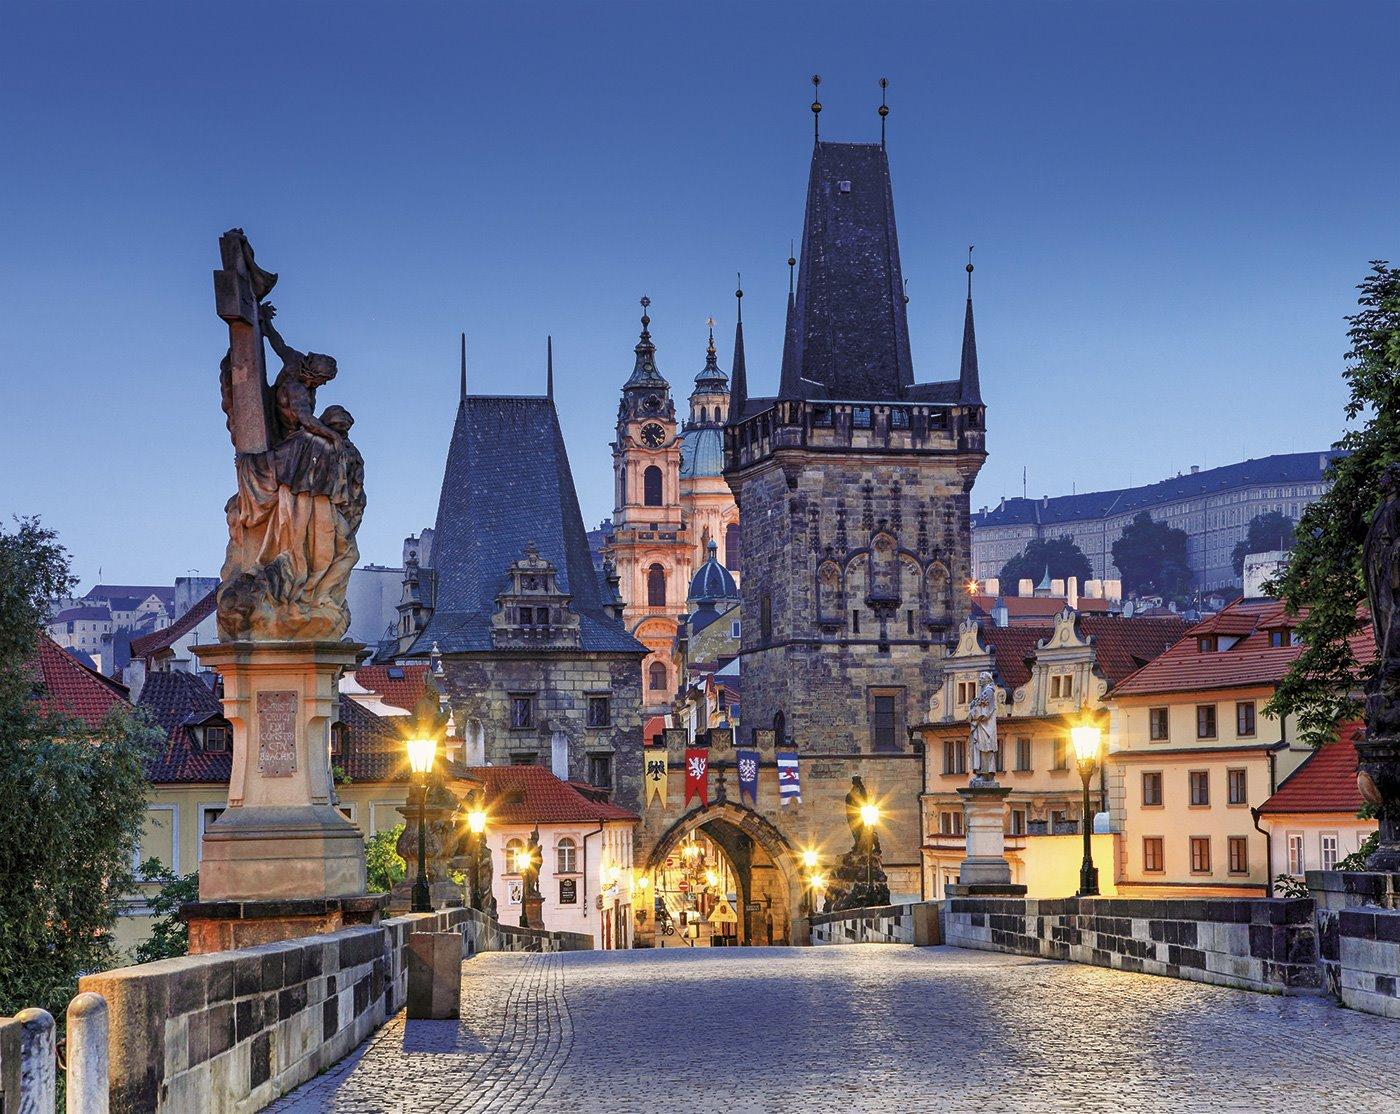 Viajes a Praga baratos desde solo 168€ incluyendo vuelos y apartamento